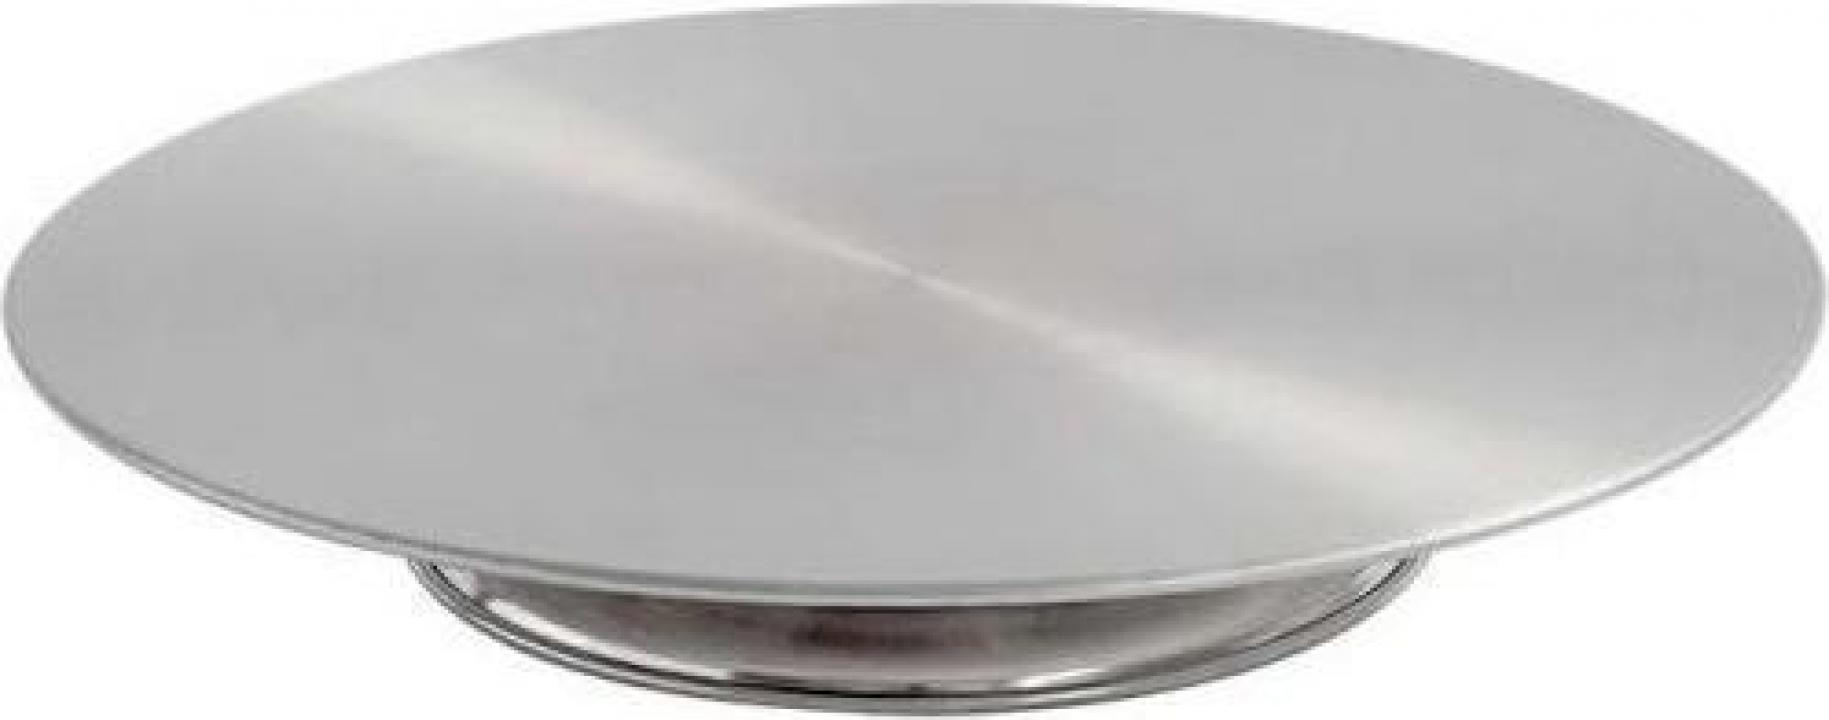 Suport inox rotativ pentru tort 33 cm